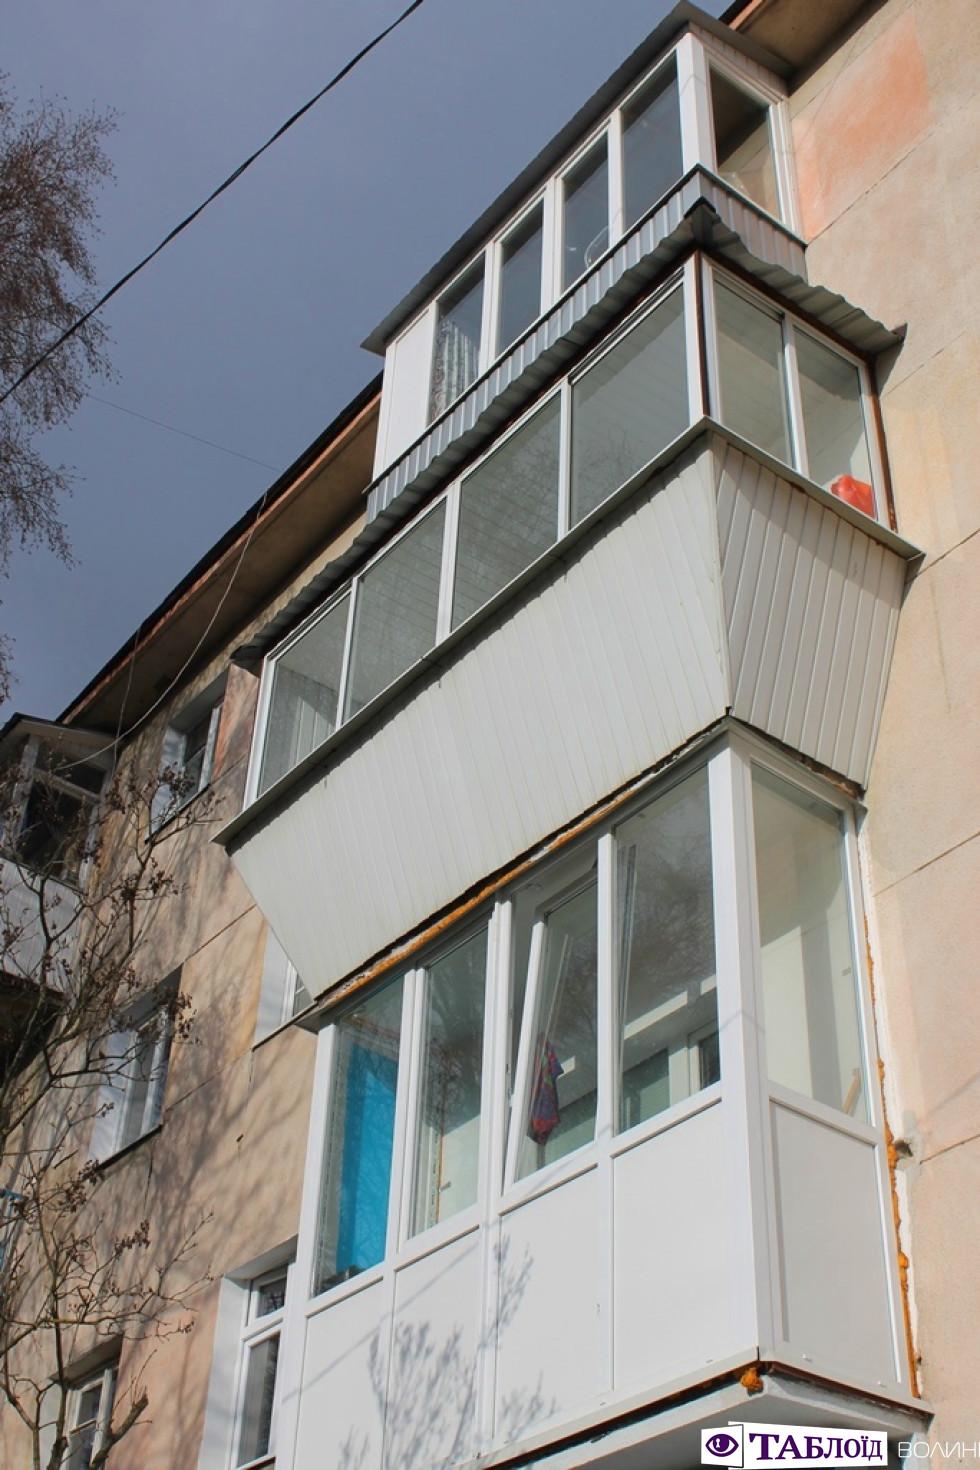 Балкони Луцька: проспект Грушевського